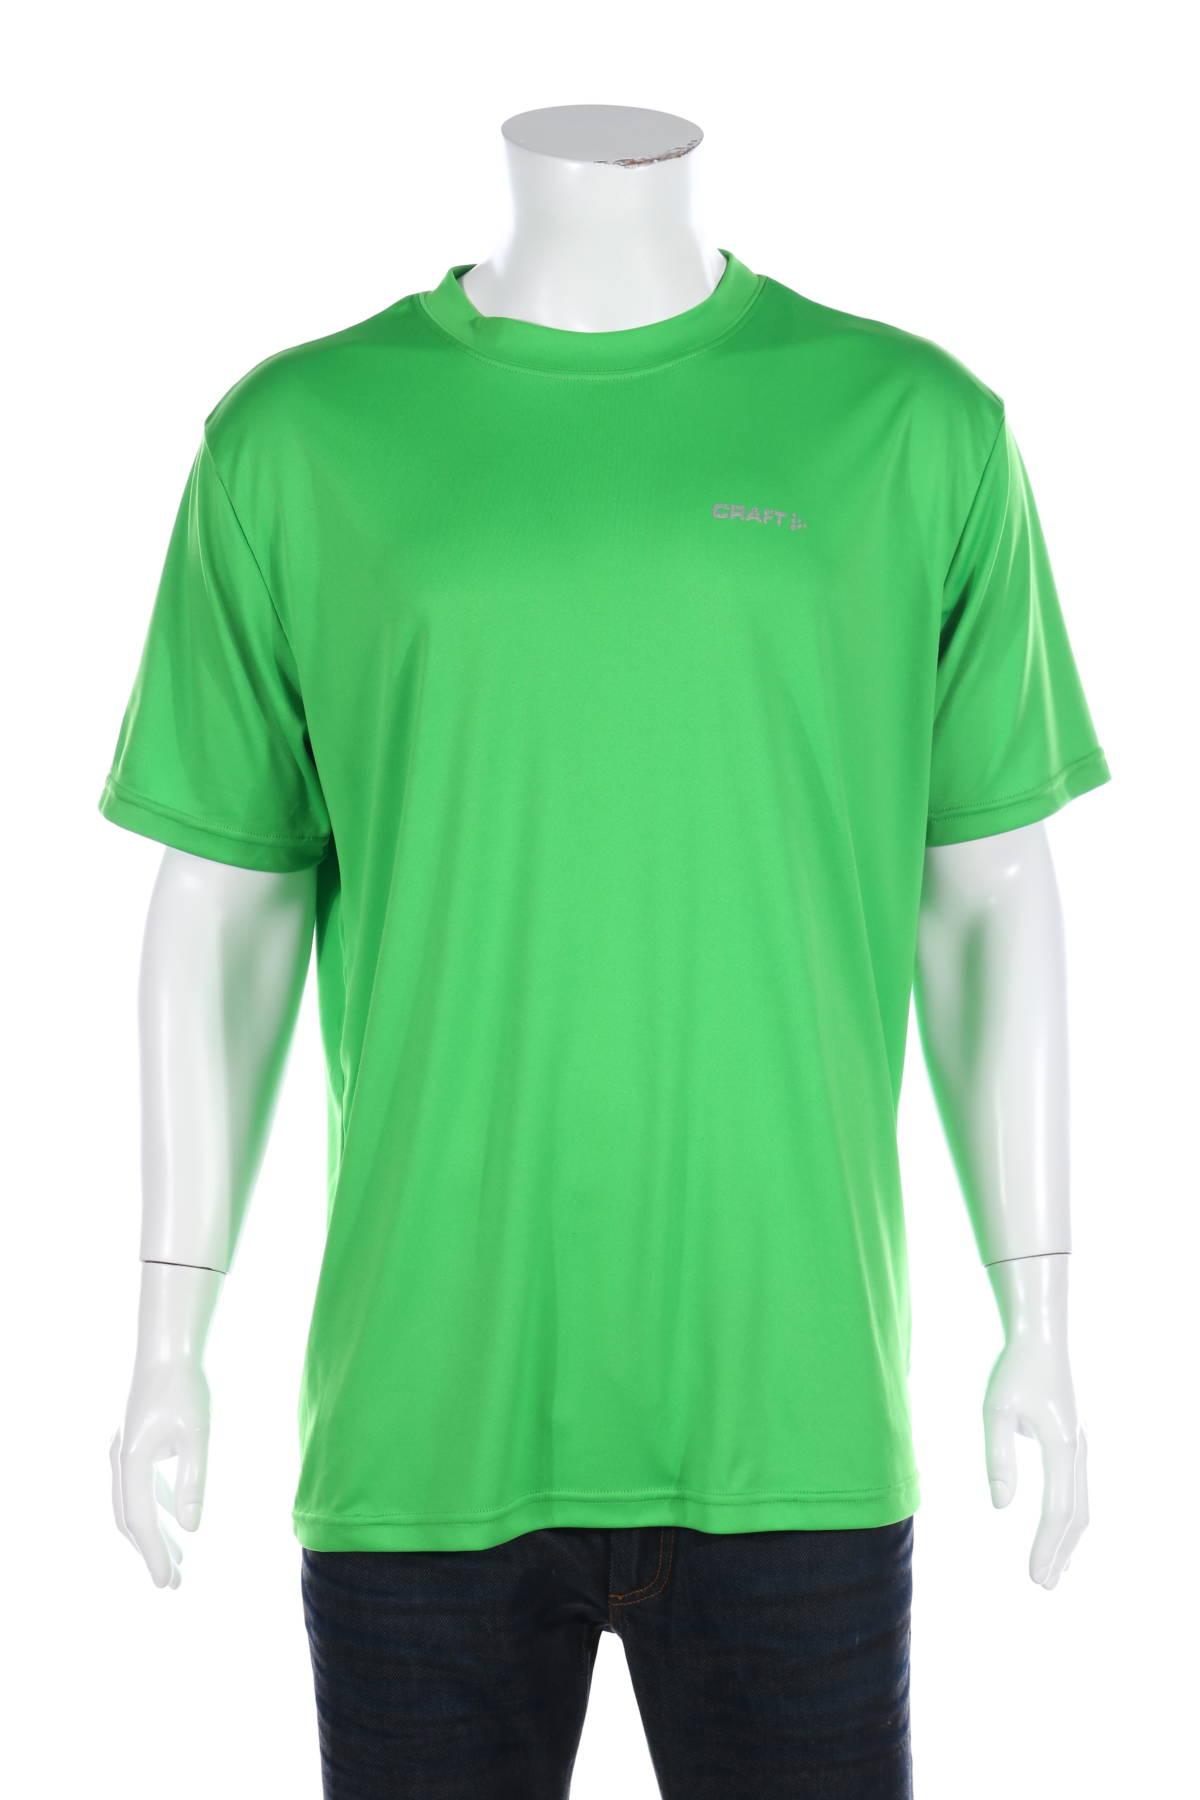 Спортна тениска Craft1